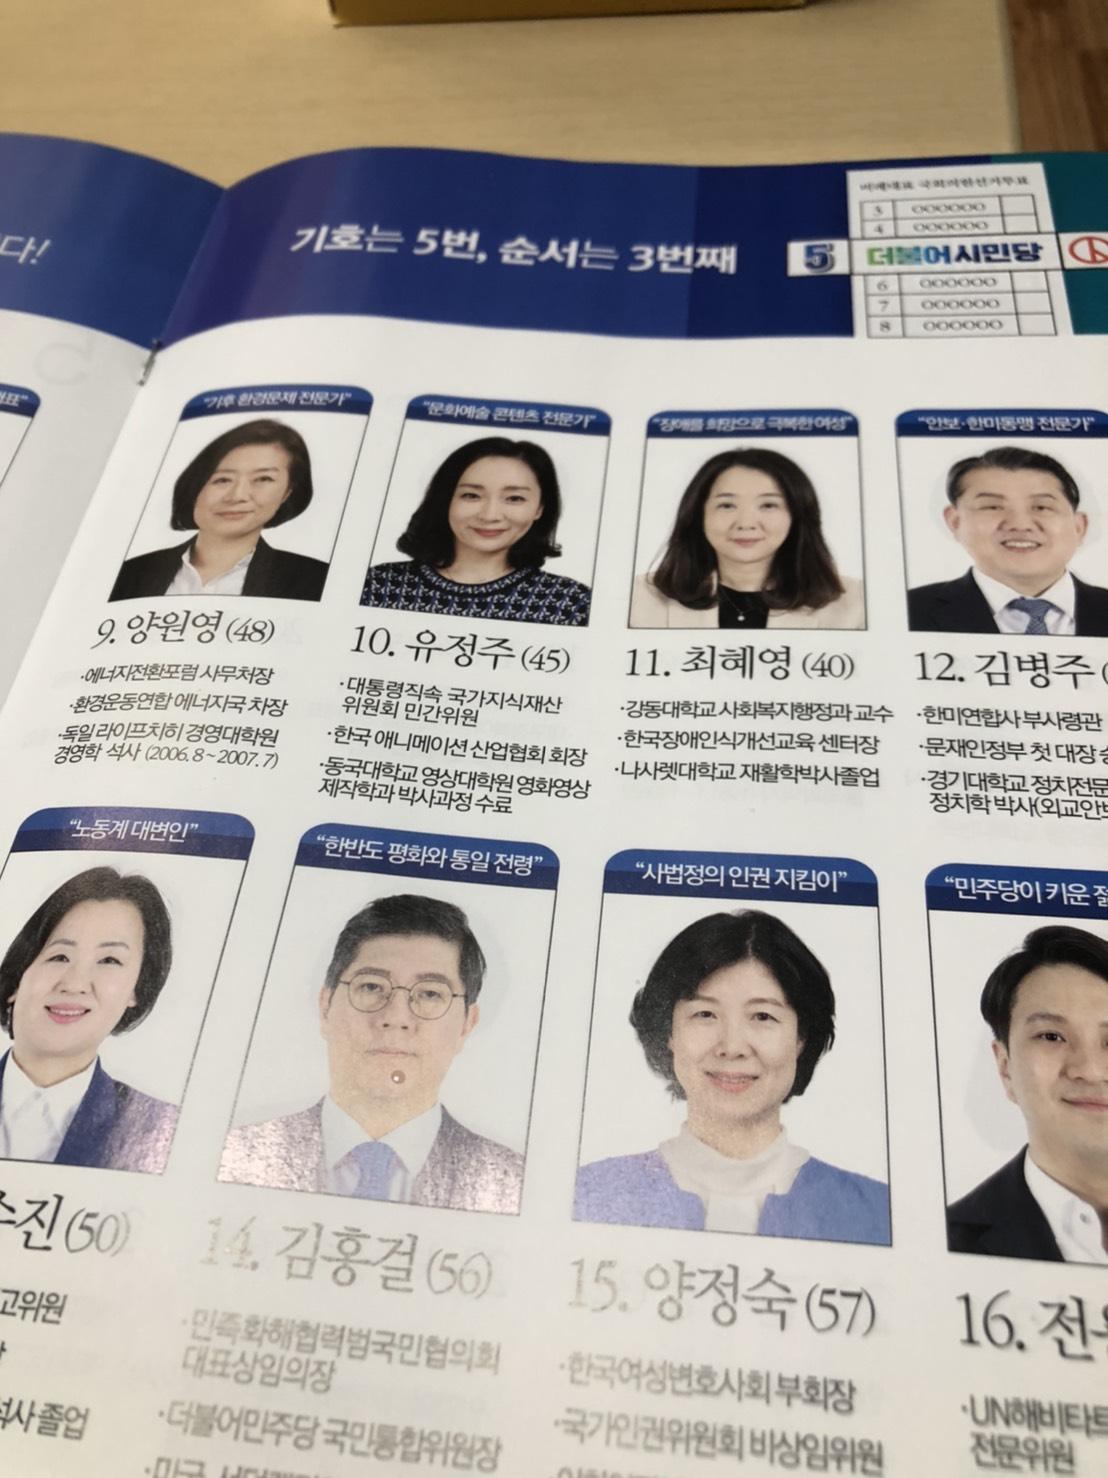 よく話してくれる韓国のお姉さん Vol.4 当たり前に女性がいる国。